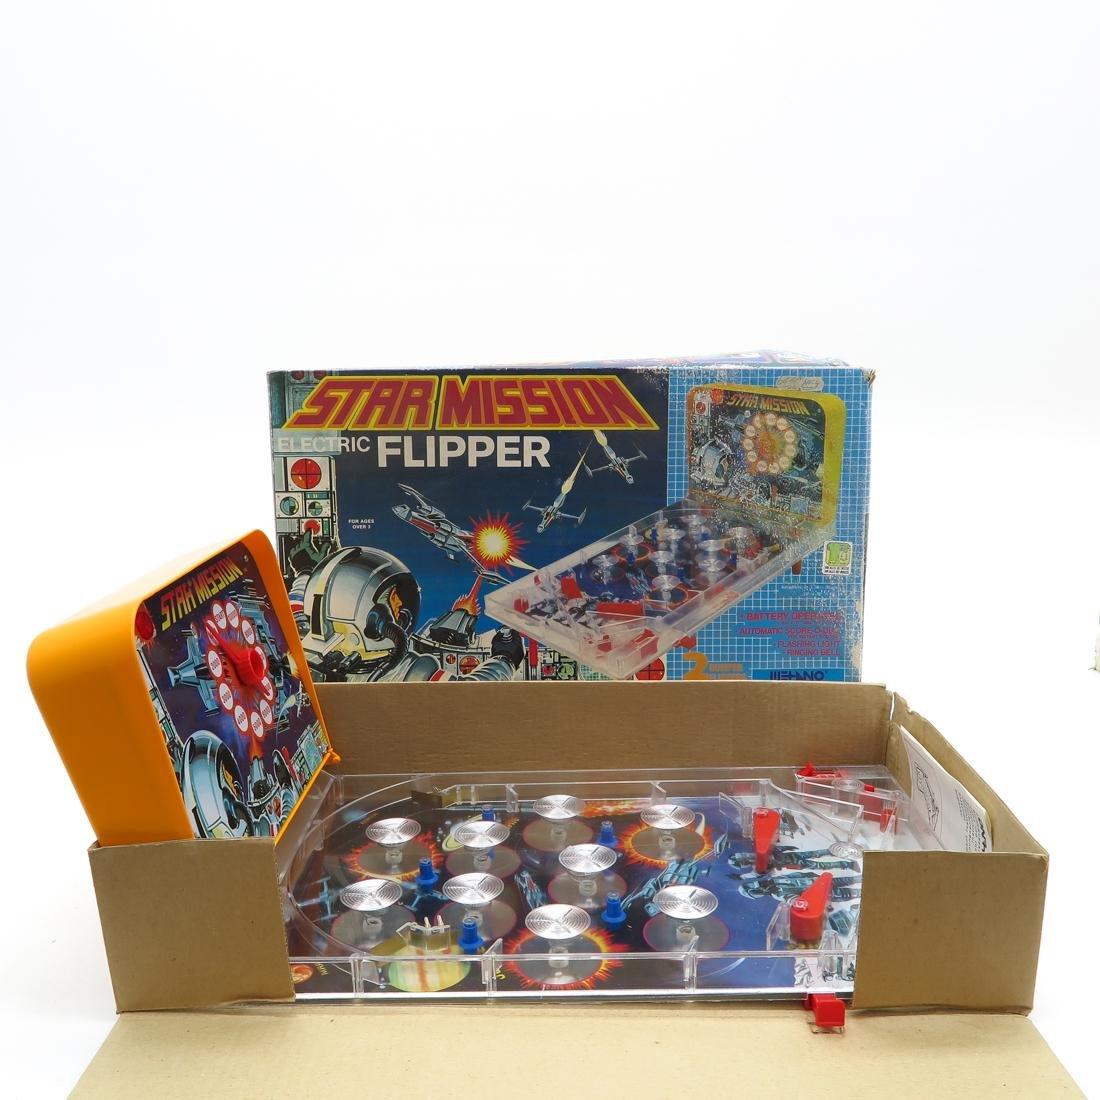 Lot of 6 Vintage Games - 2